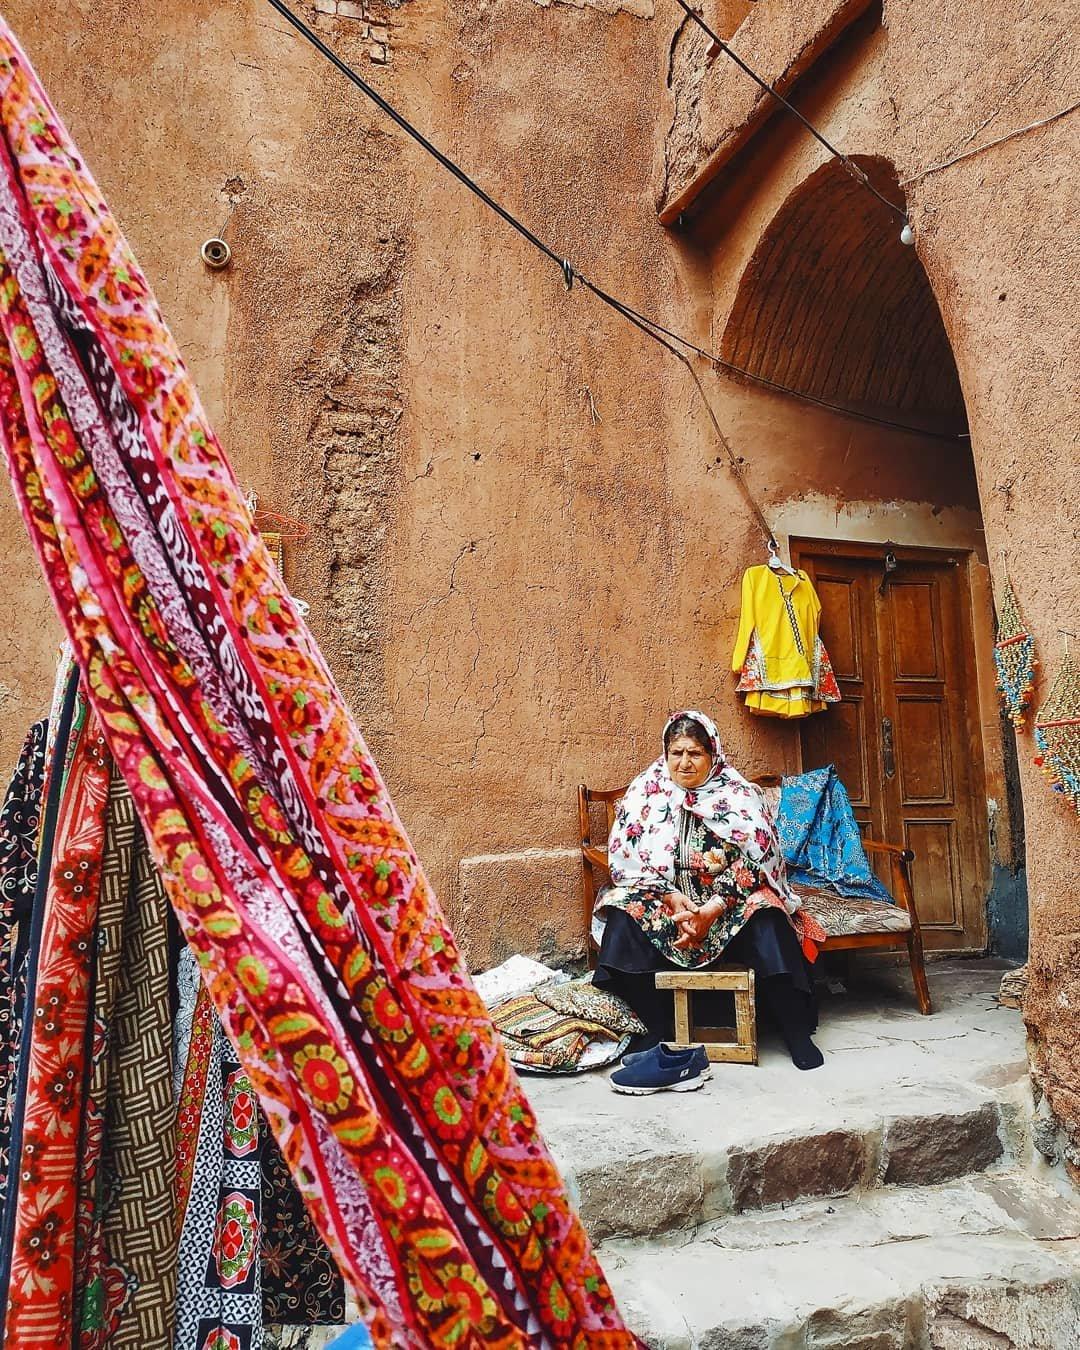 Город роз, персидские дворцы и Медина. Как харьковчанка провела две недели в Иране и Марокко, - ФОТО, фото-2